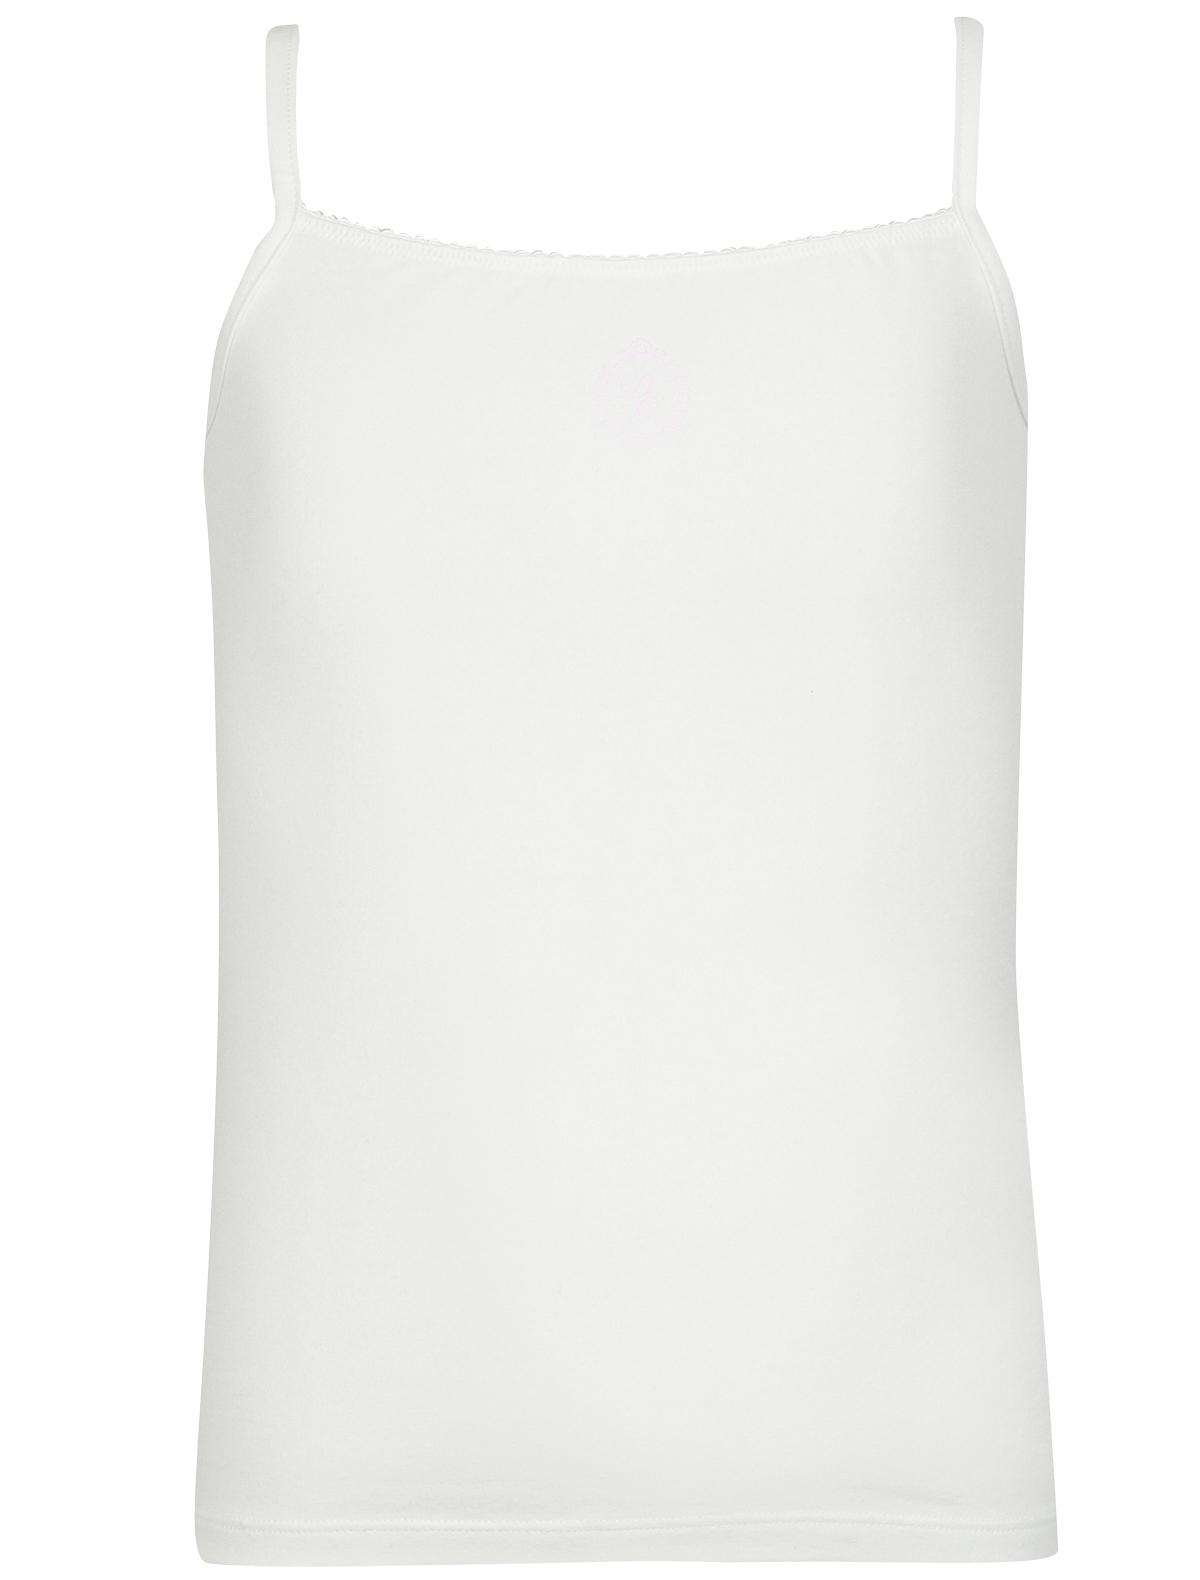 Купить 1935116, Майка бельевая Dolce & Gabbana, белый, Женский, 4521209880720